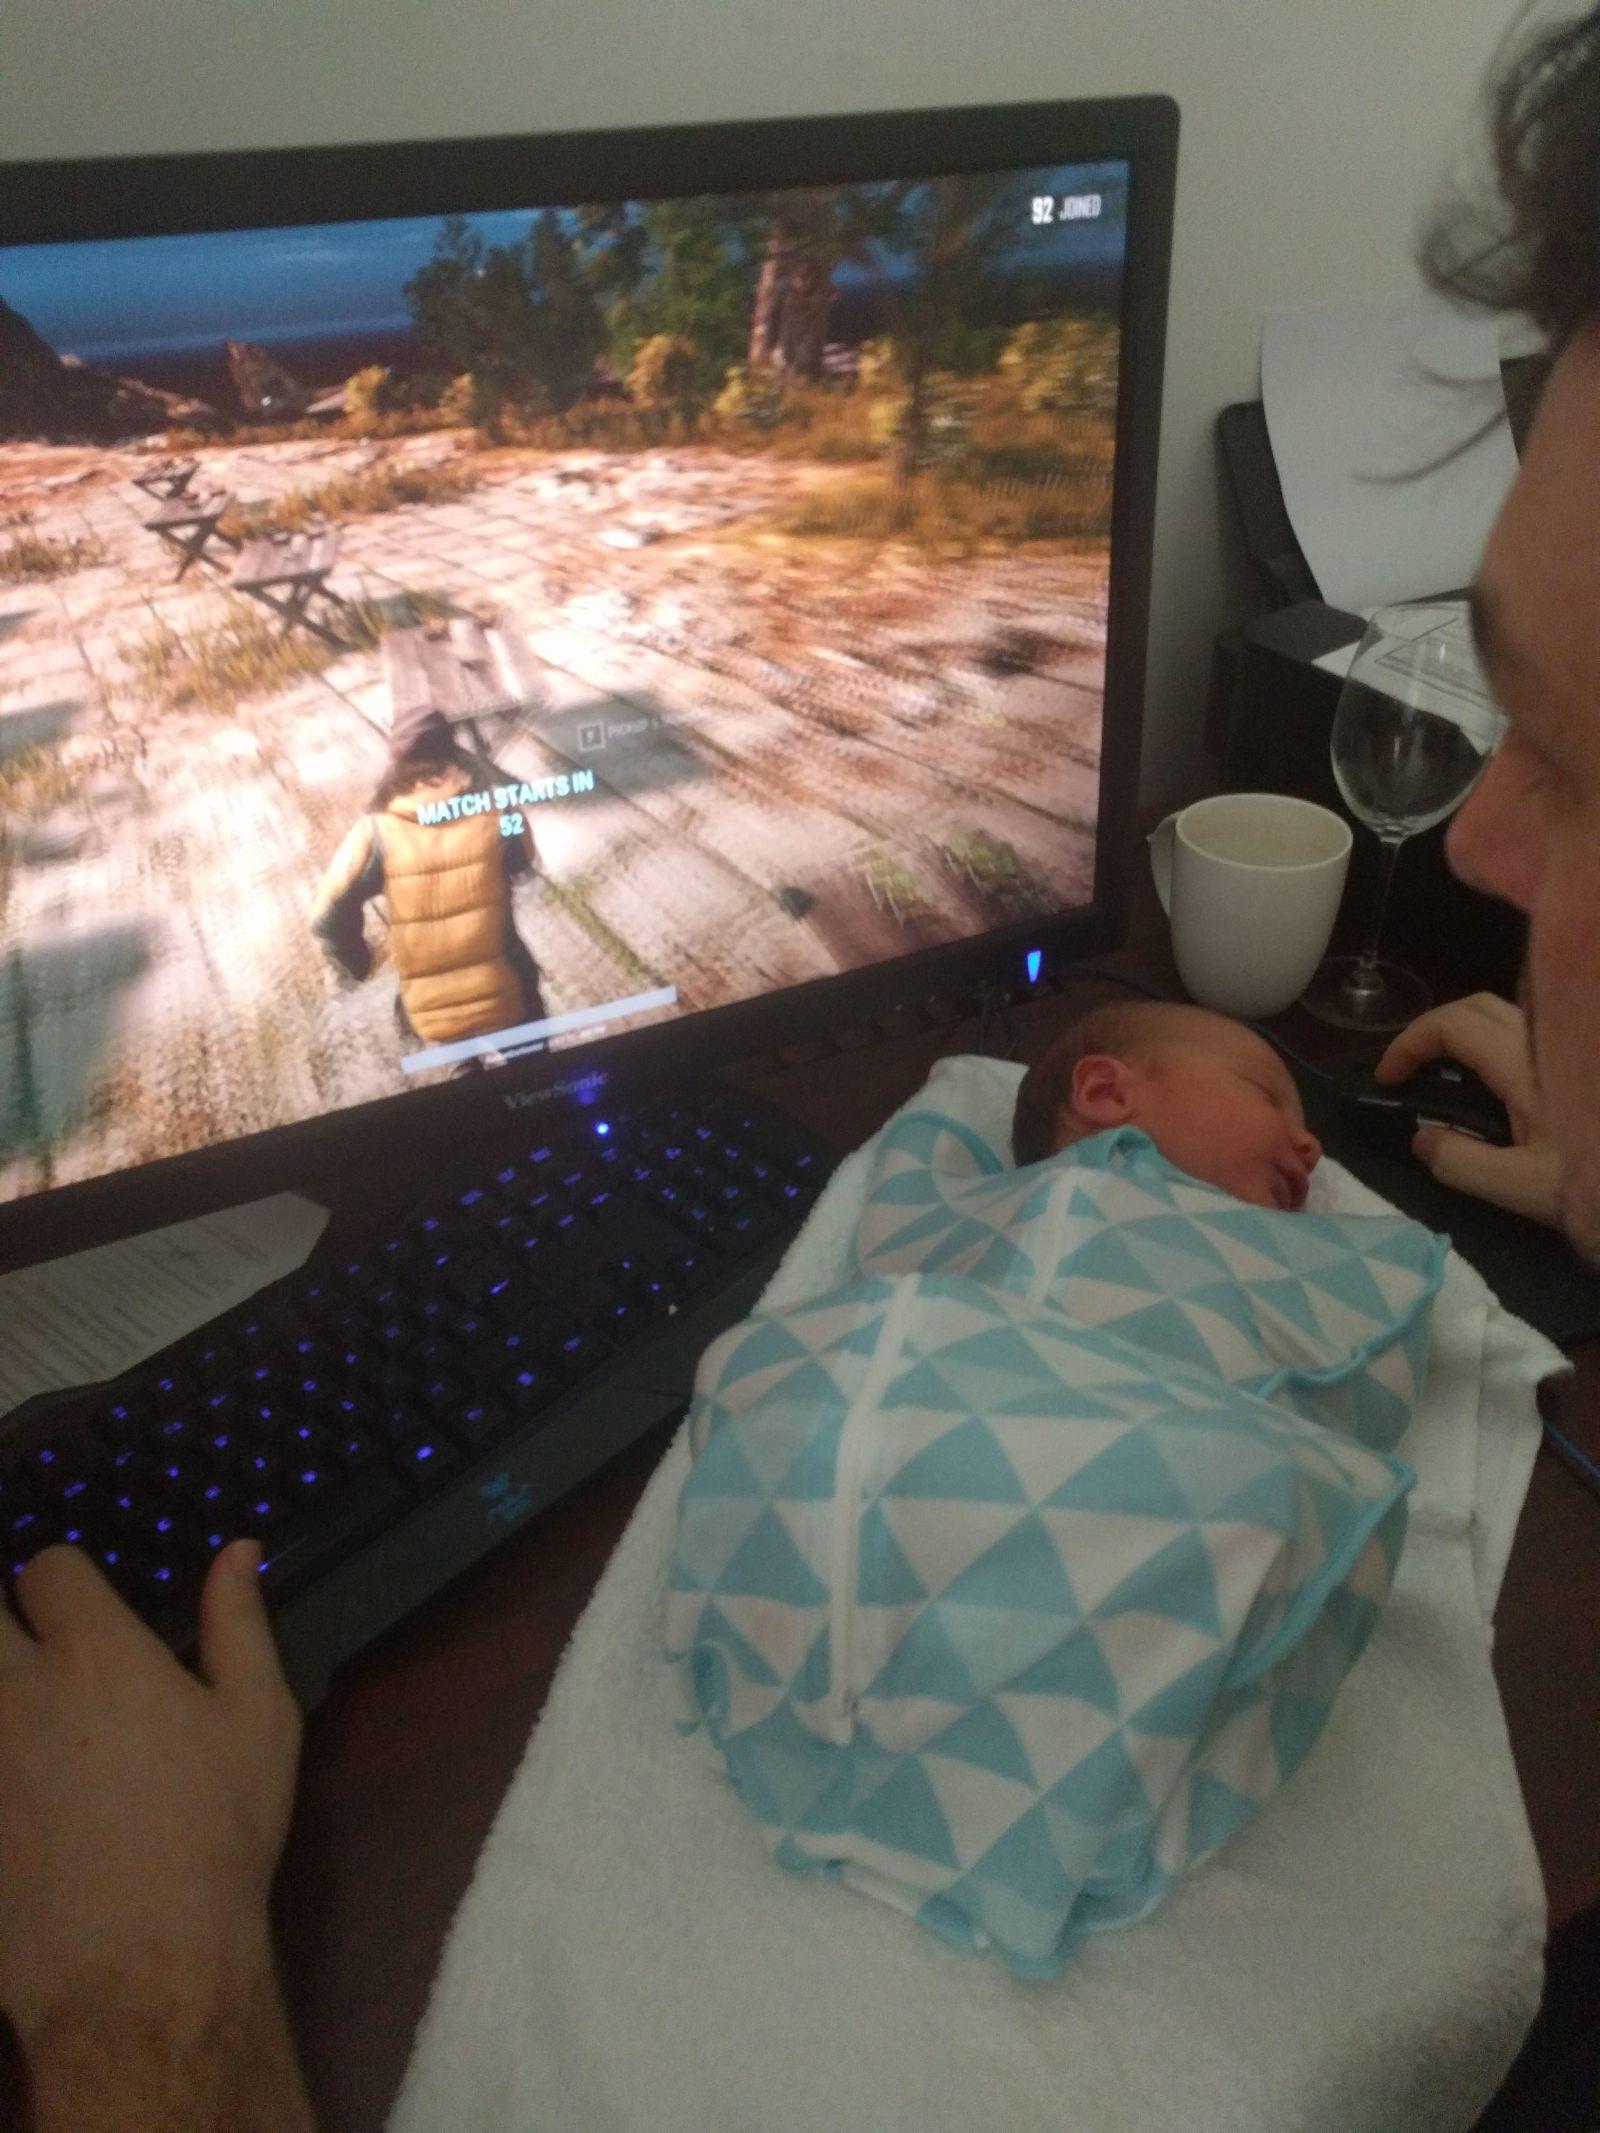 папа играет в игры и ребенок